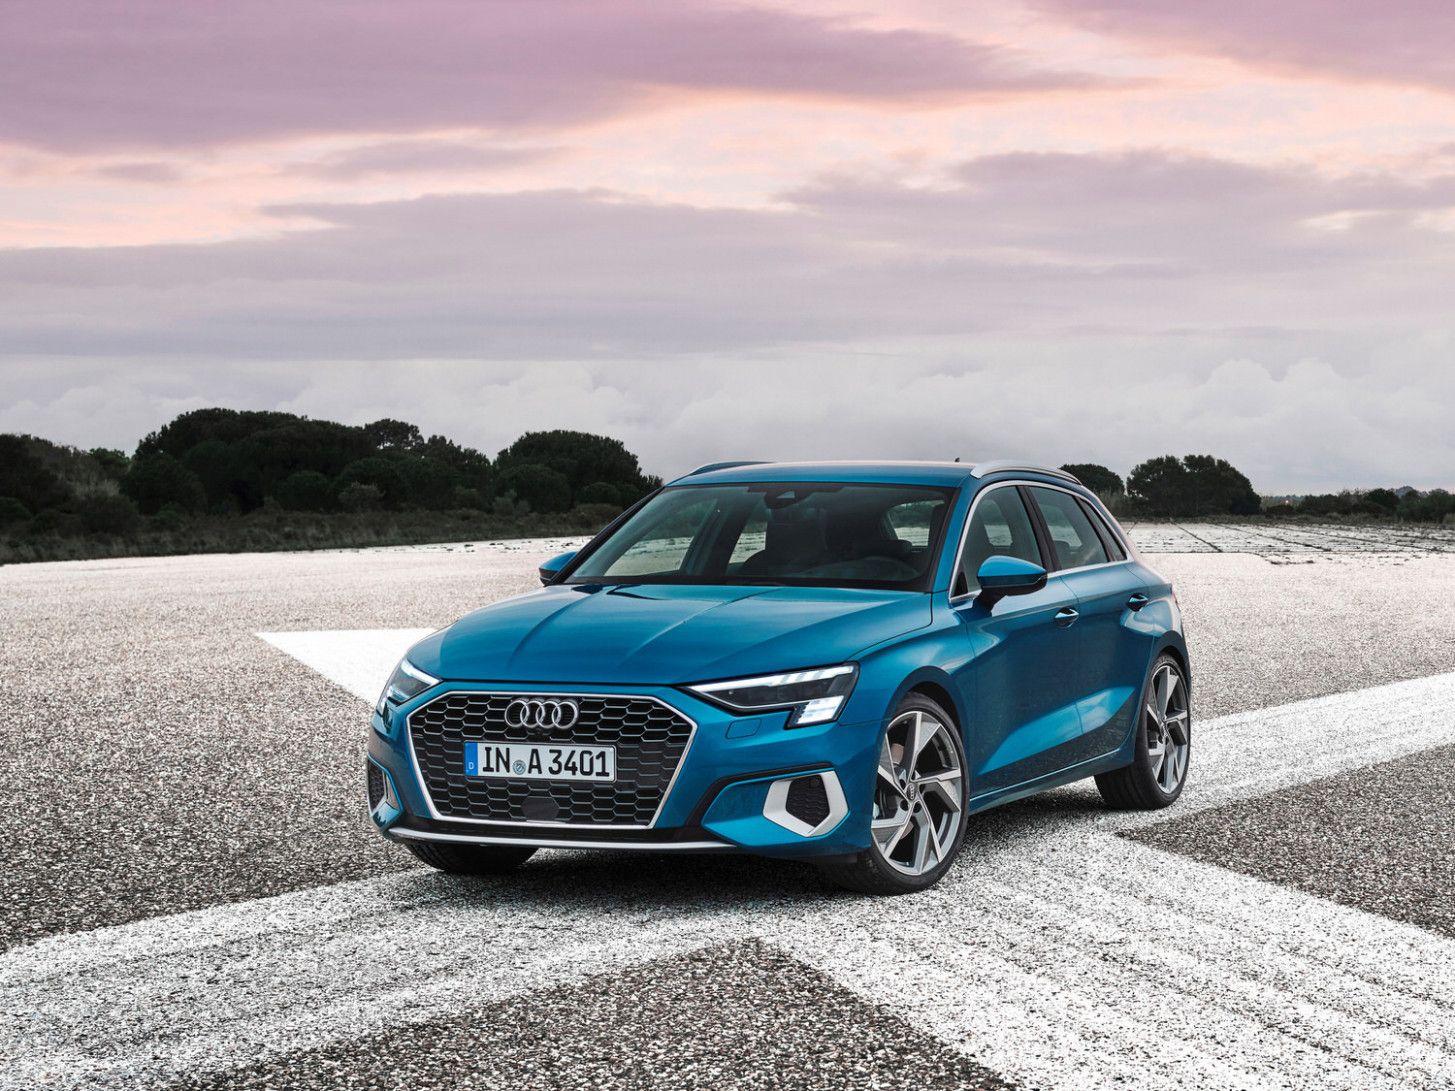 2020 Audi Lease Specials in 2020 Audi a3 sportback, Audi